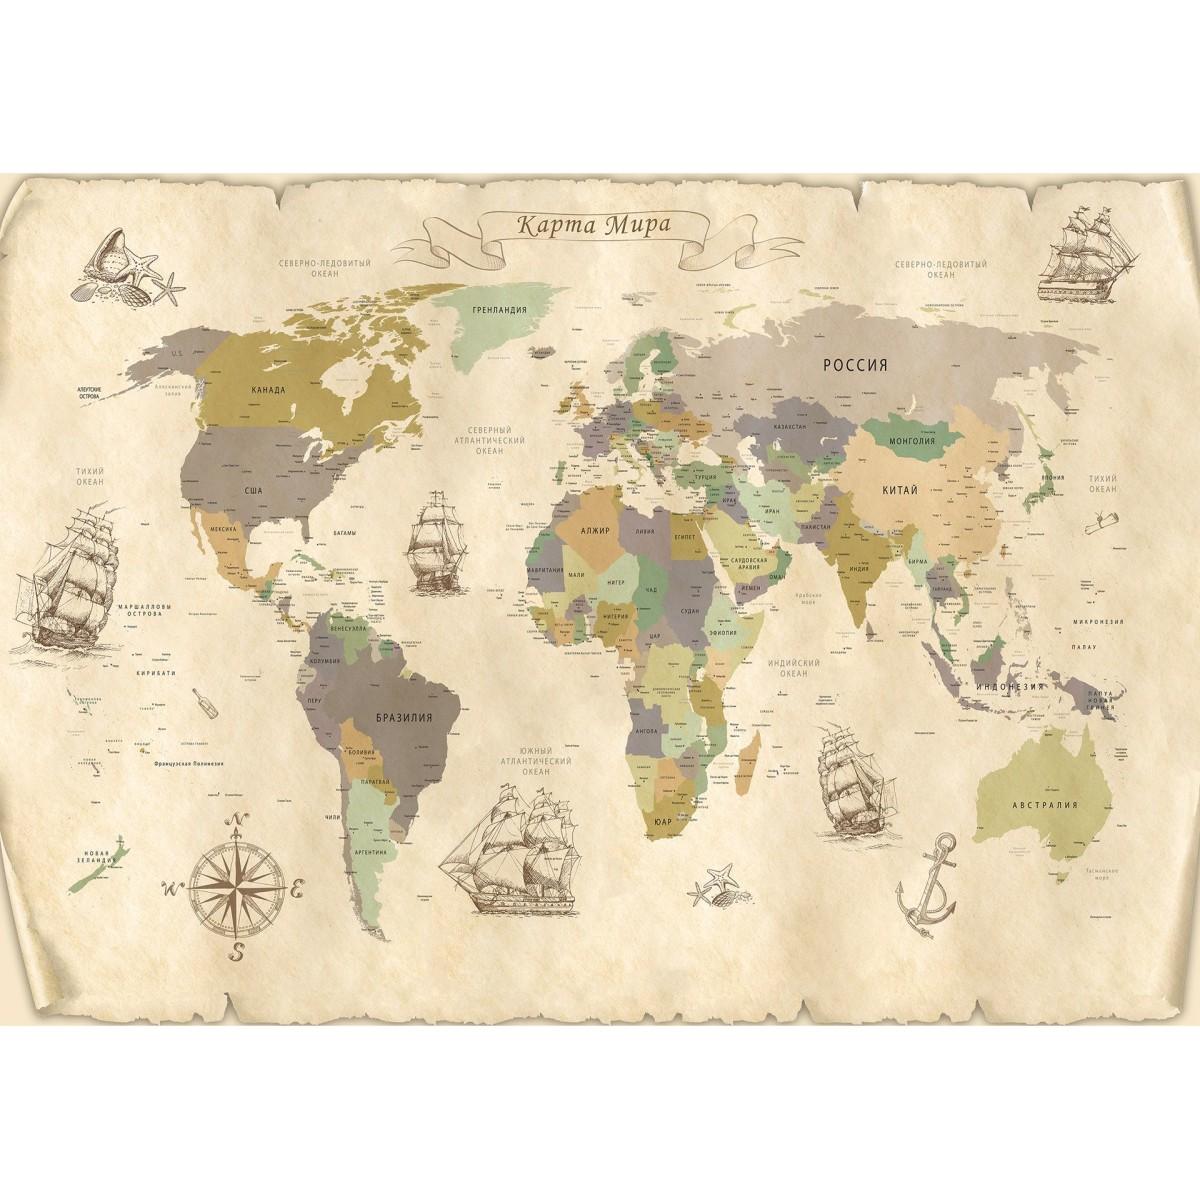 Фотообои МИР Карта мира MIR-12017-V4 380х270 см